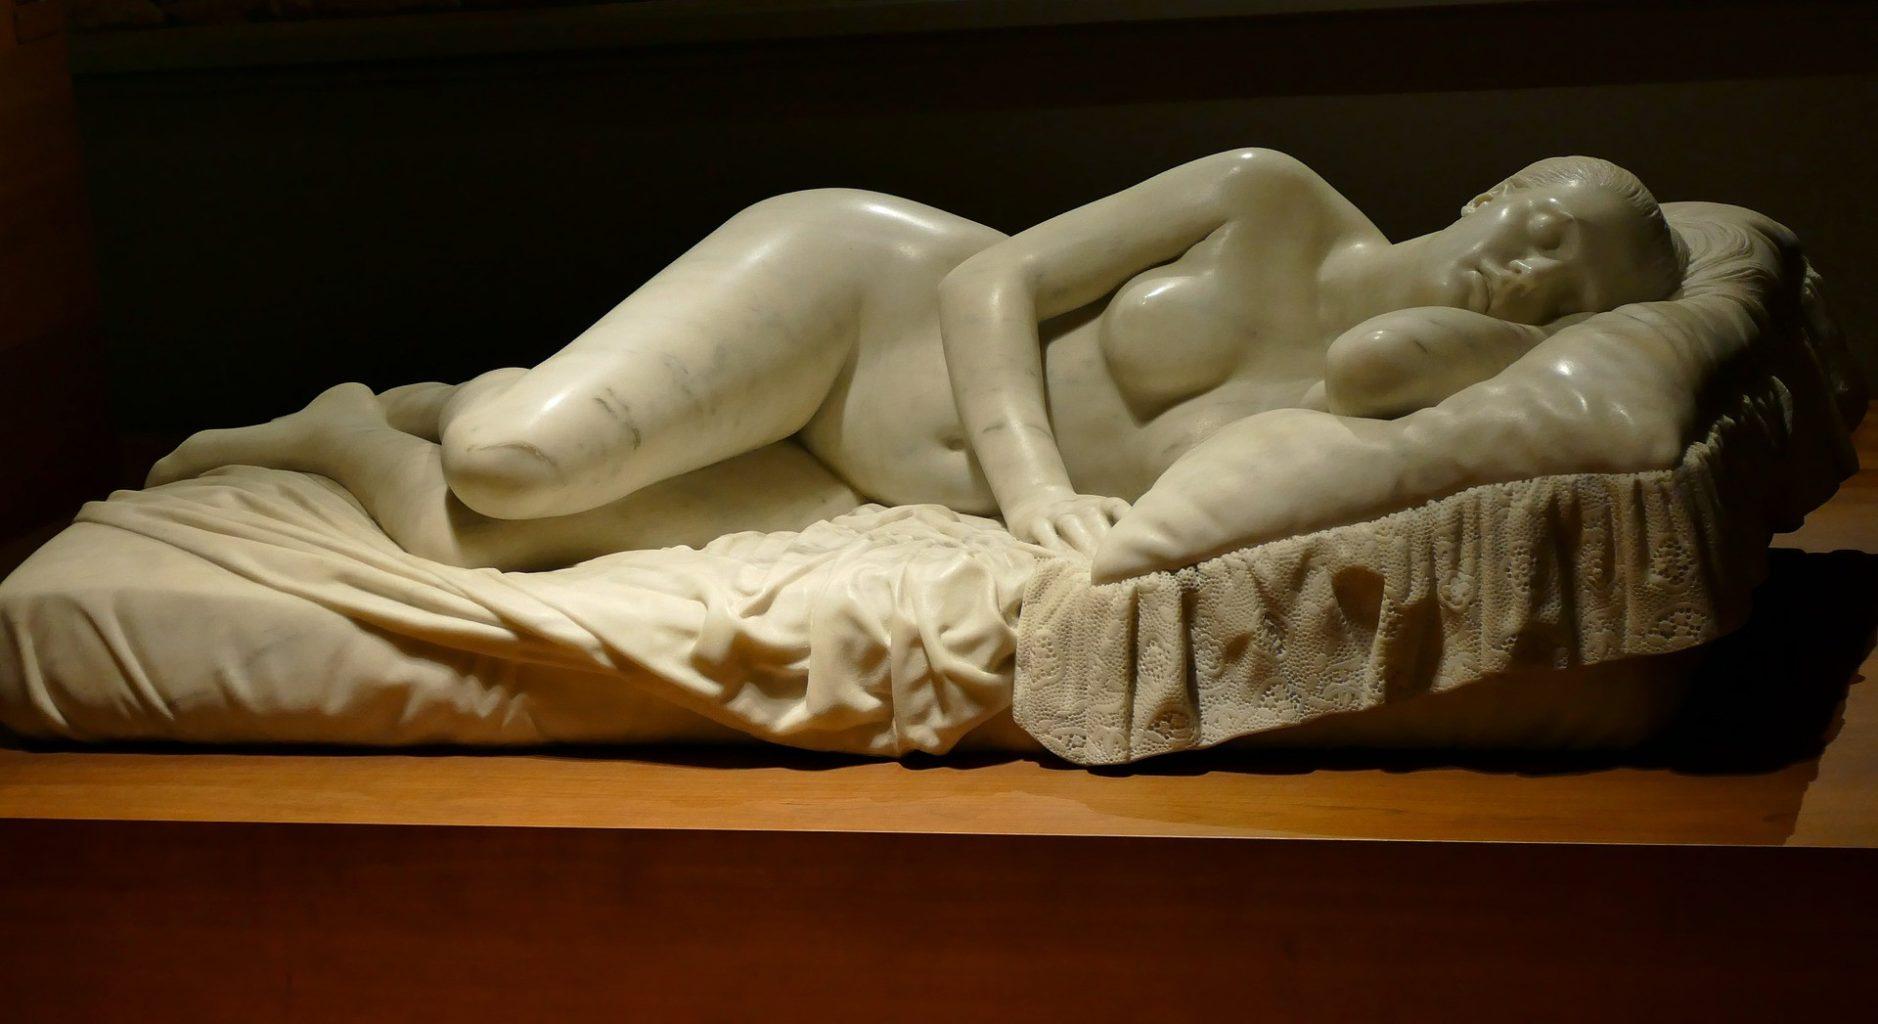 Pornhub выпустил онлайн-гид по эротическому искусству в главных музеях мира